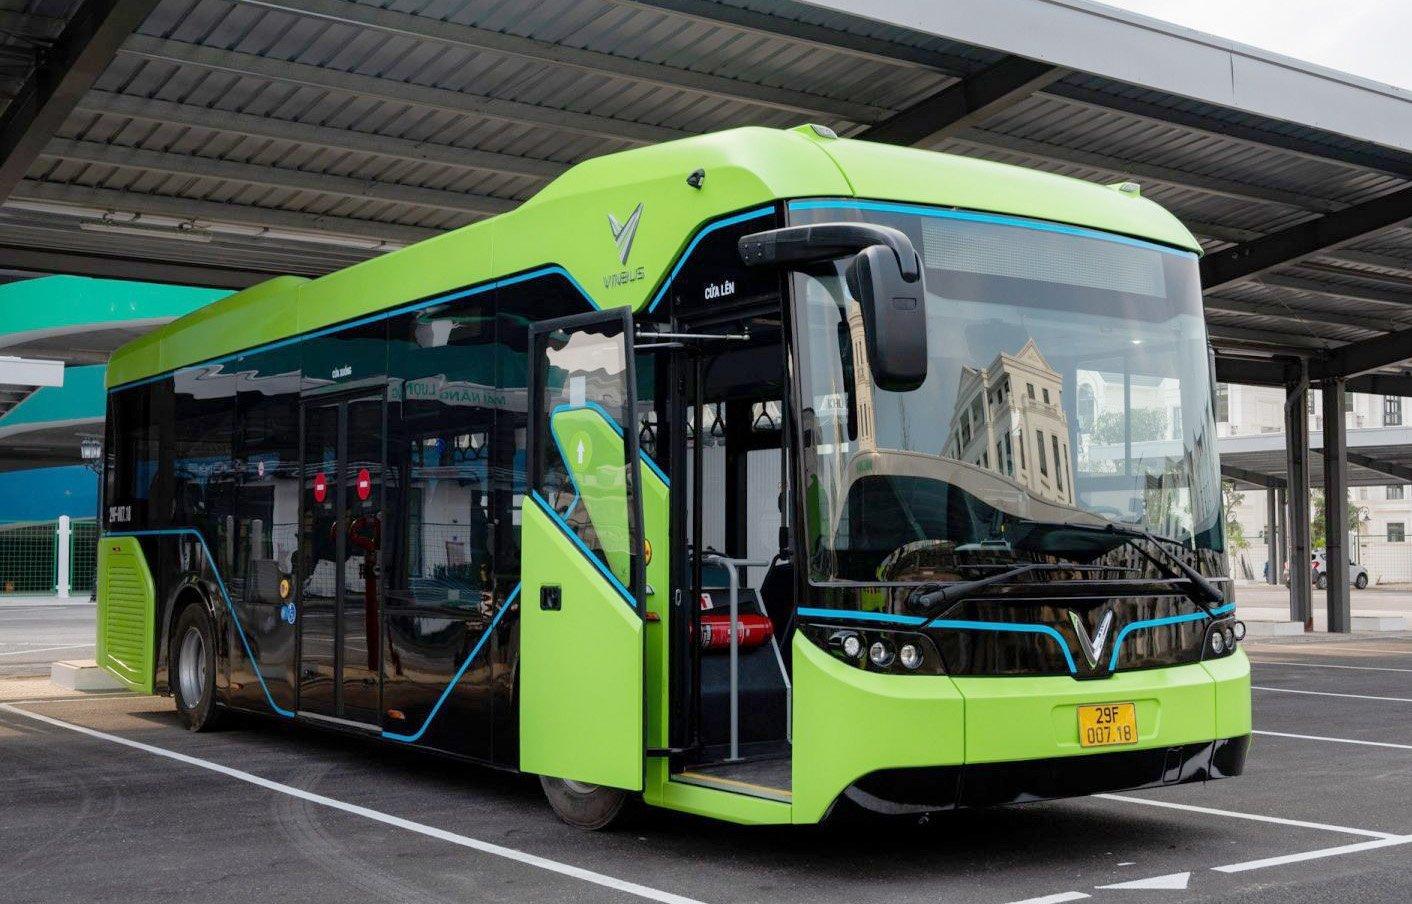 VinBus Ecology Transport Services запустил в эксплуатацию первый во Вьетнаме интеллектуальный электробус